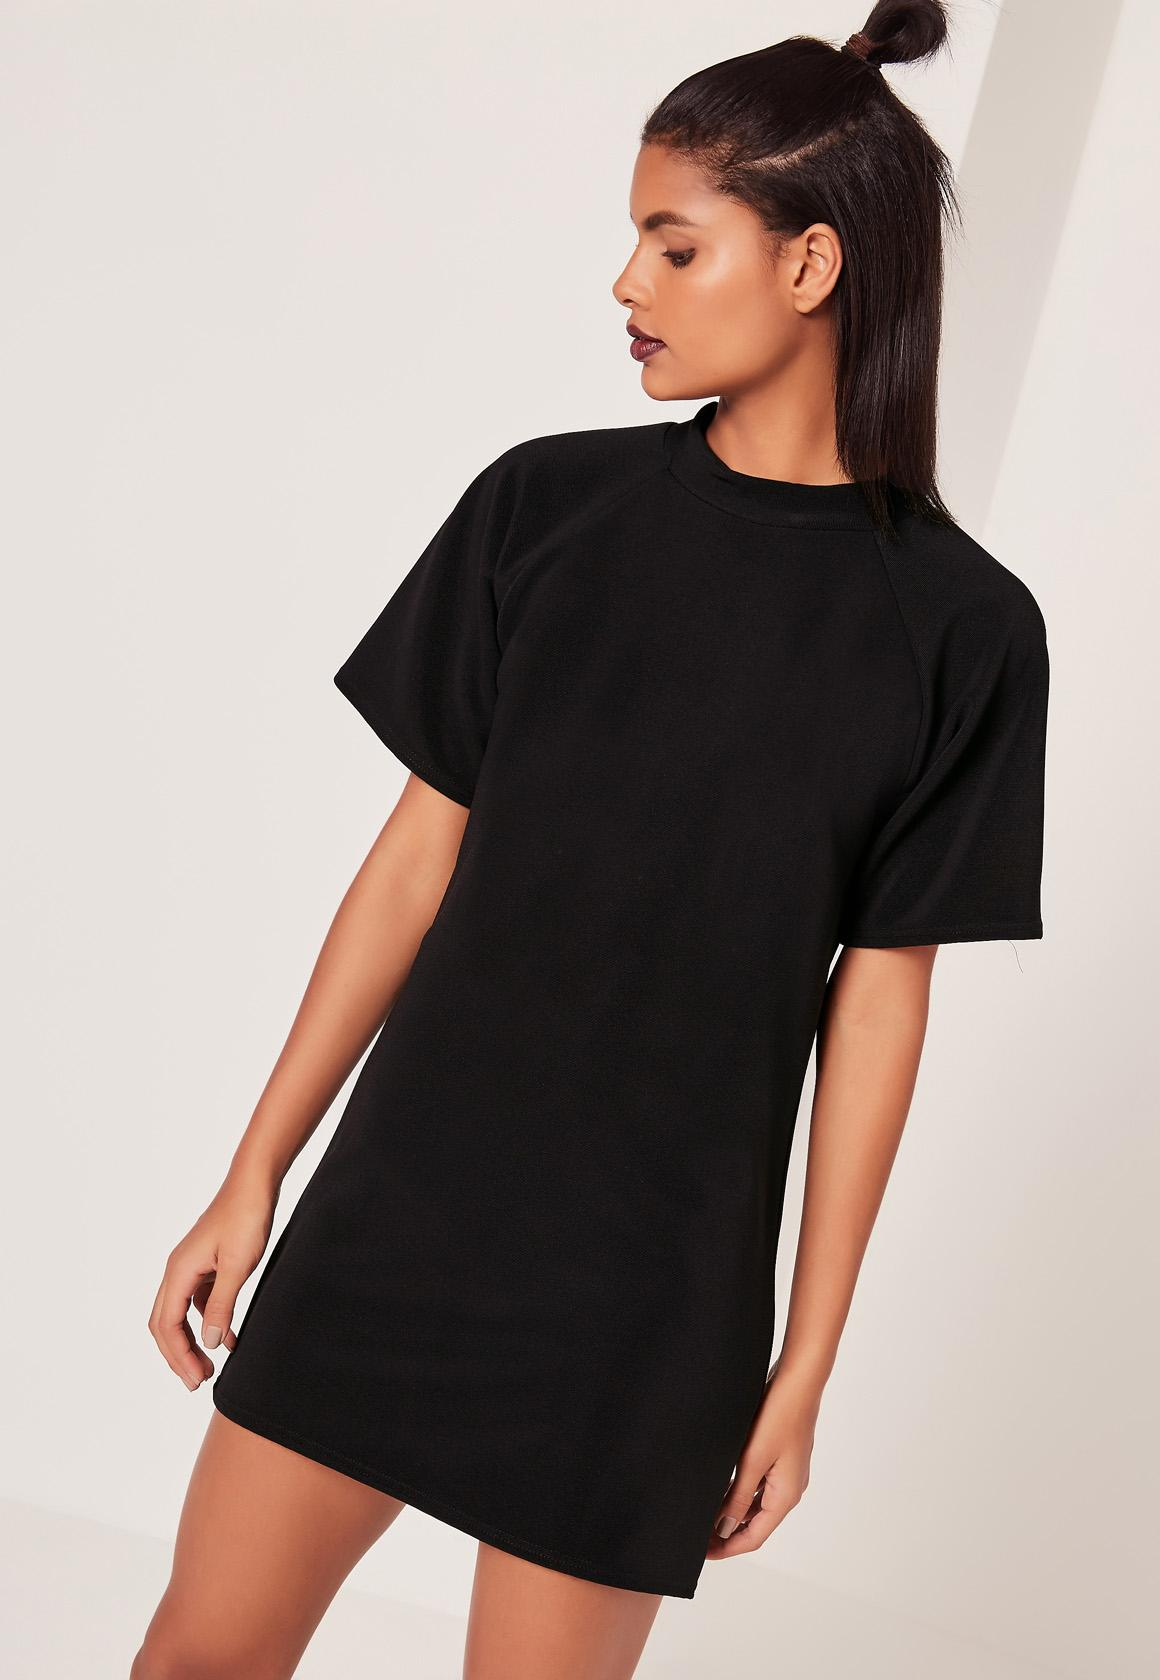 Kleid schwarz tshirt